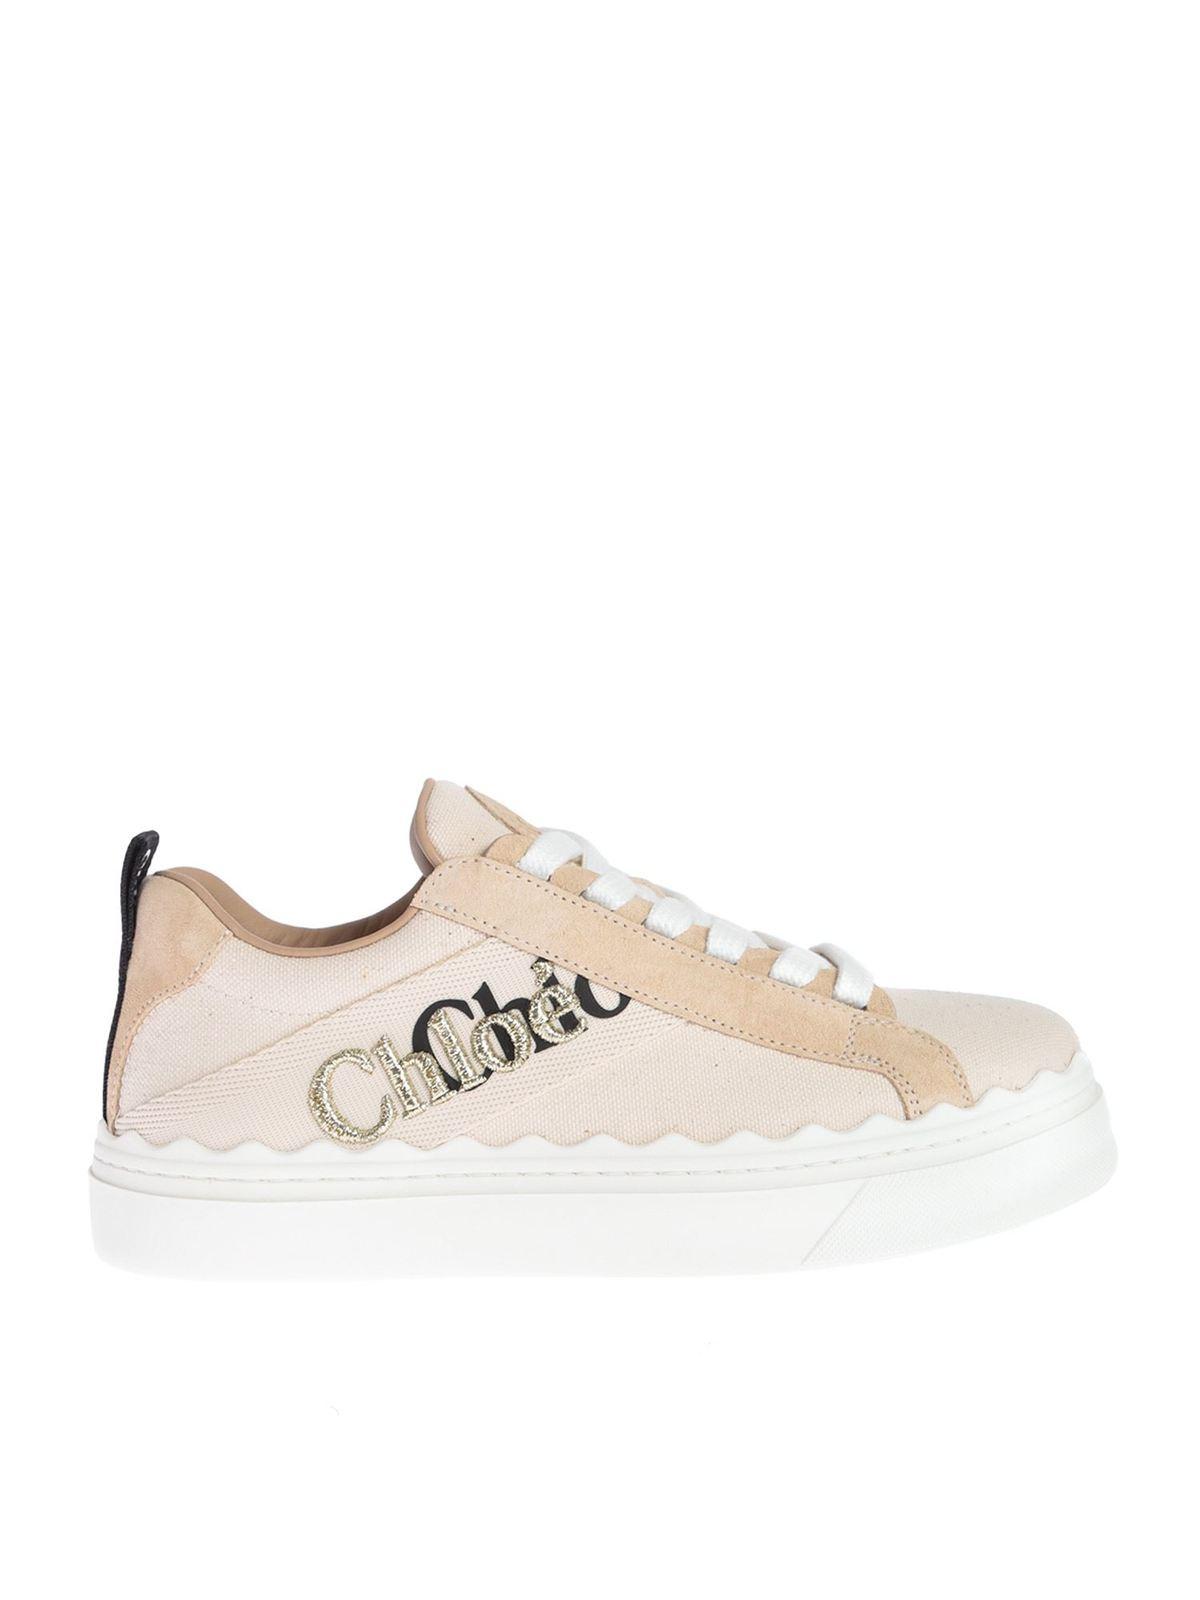 Chloé Sneakers LAUREN SNEAKER IN PINK